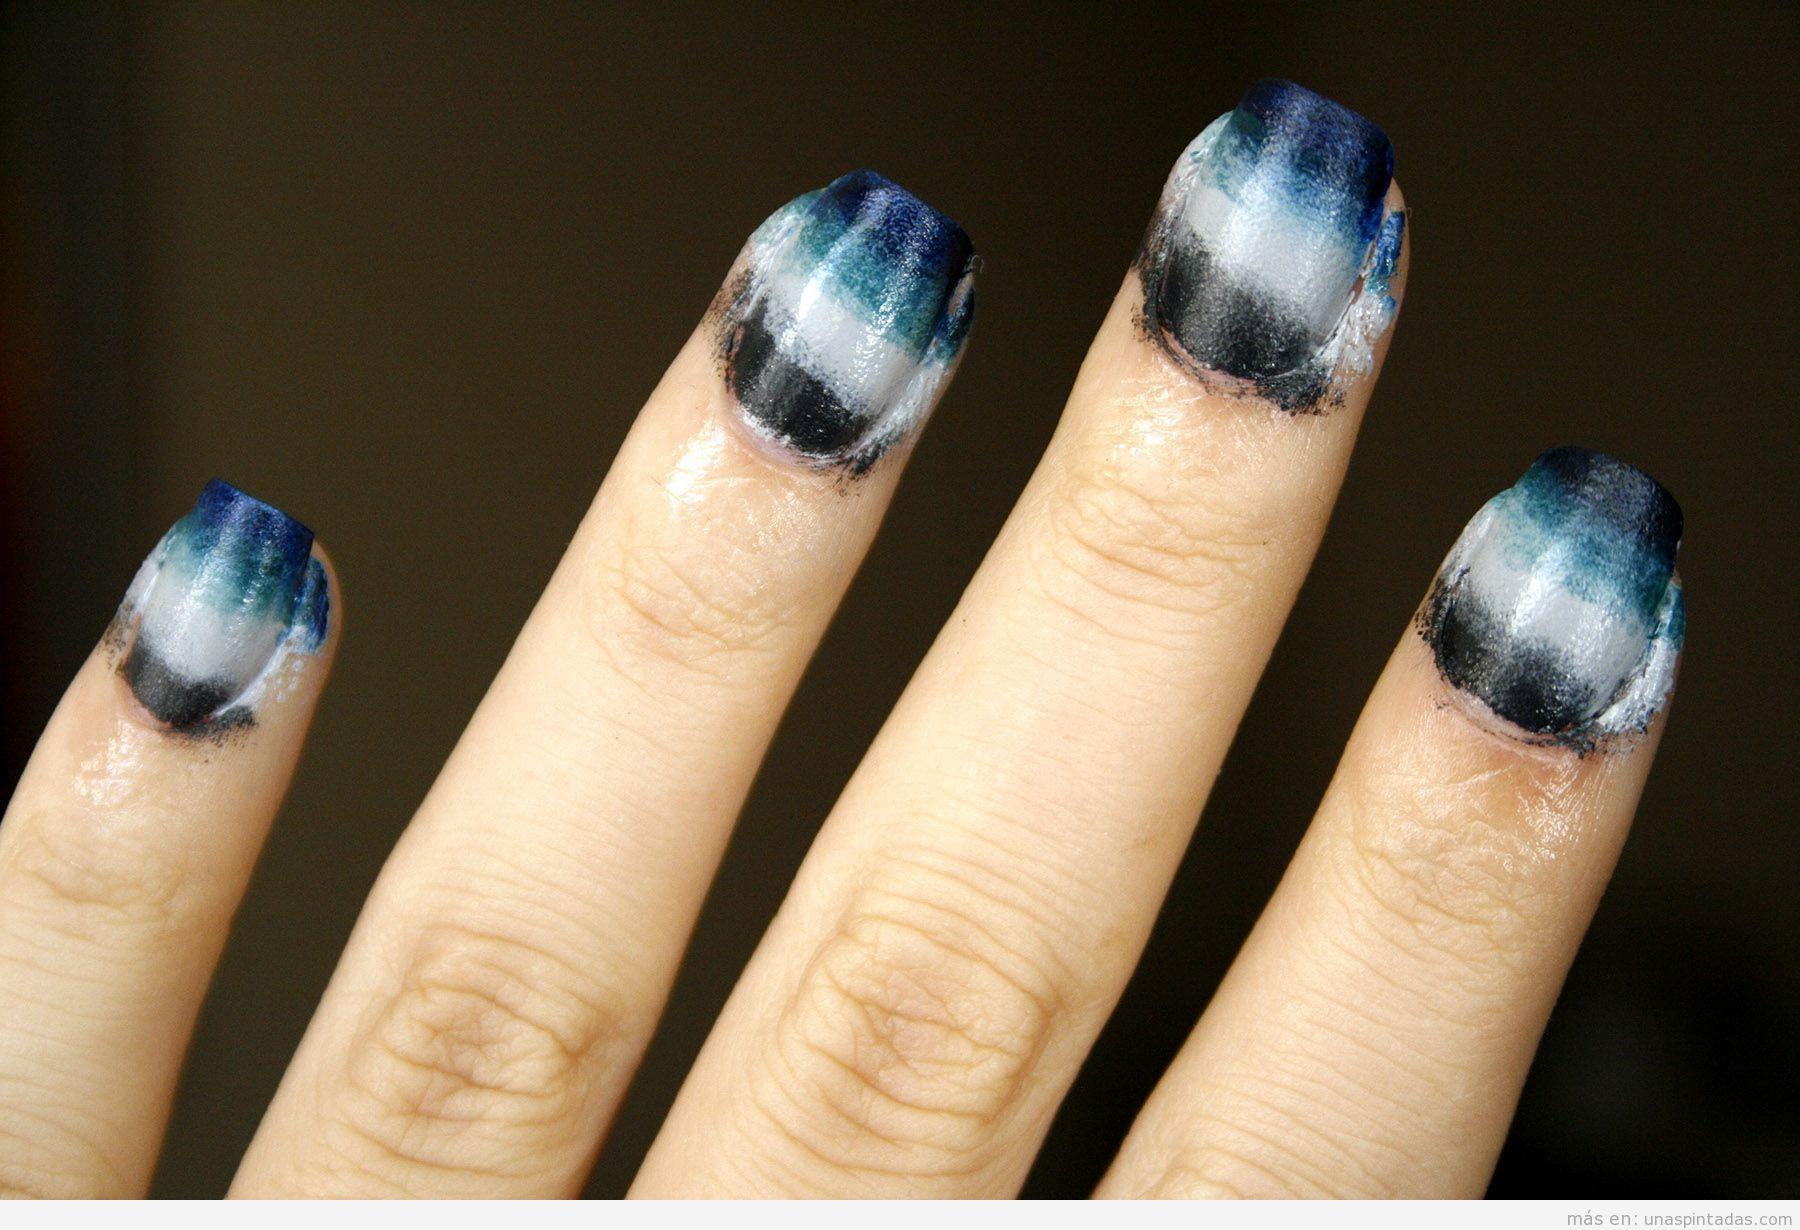 Tutorial diseño uñas degradado inspirado vestido Burberry Prorsum Spring '15